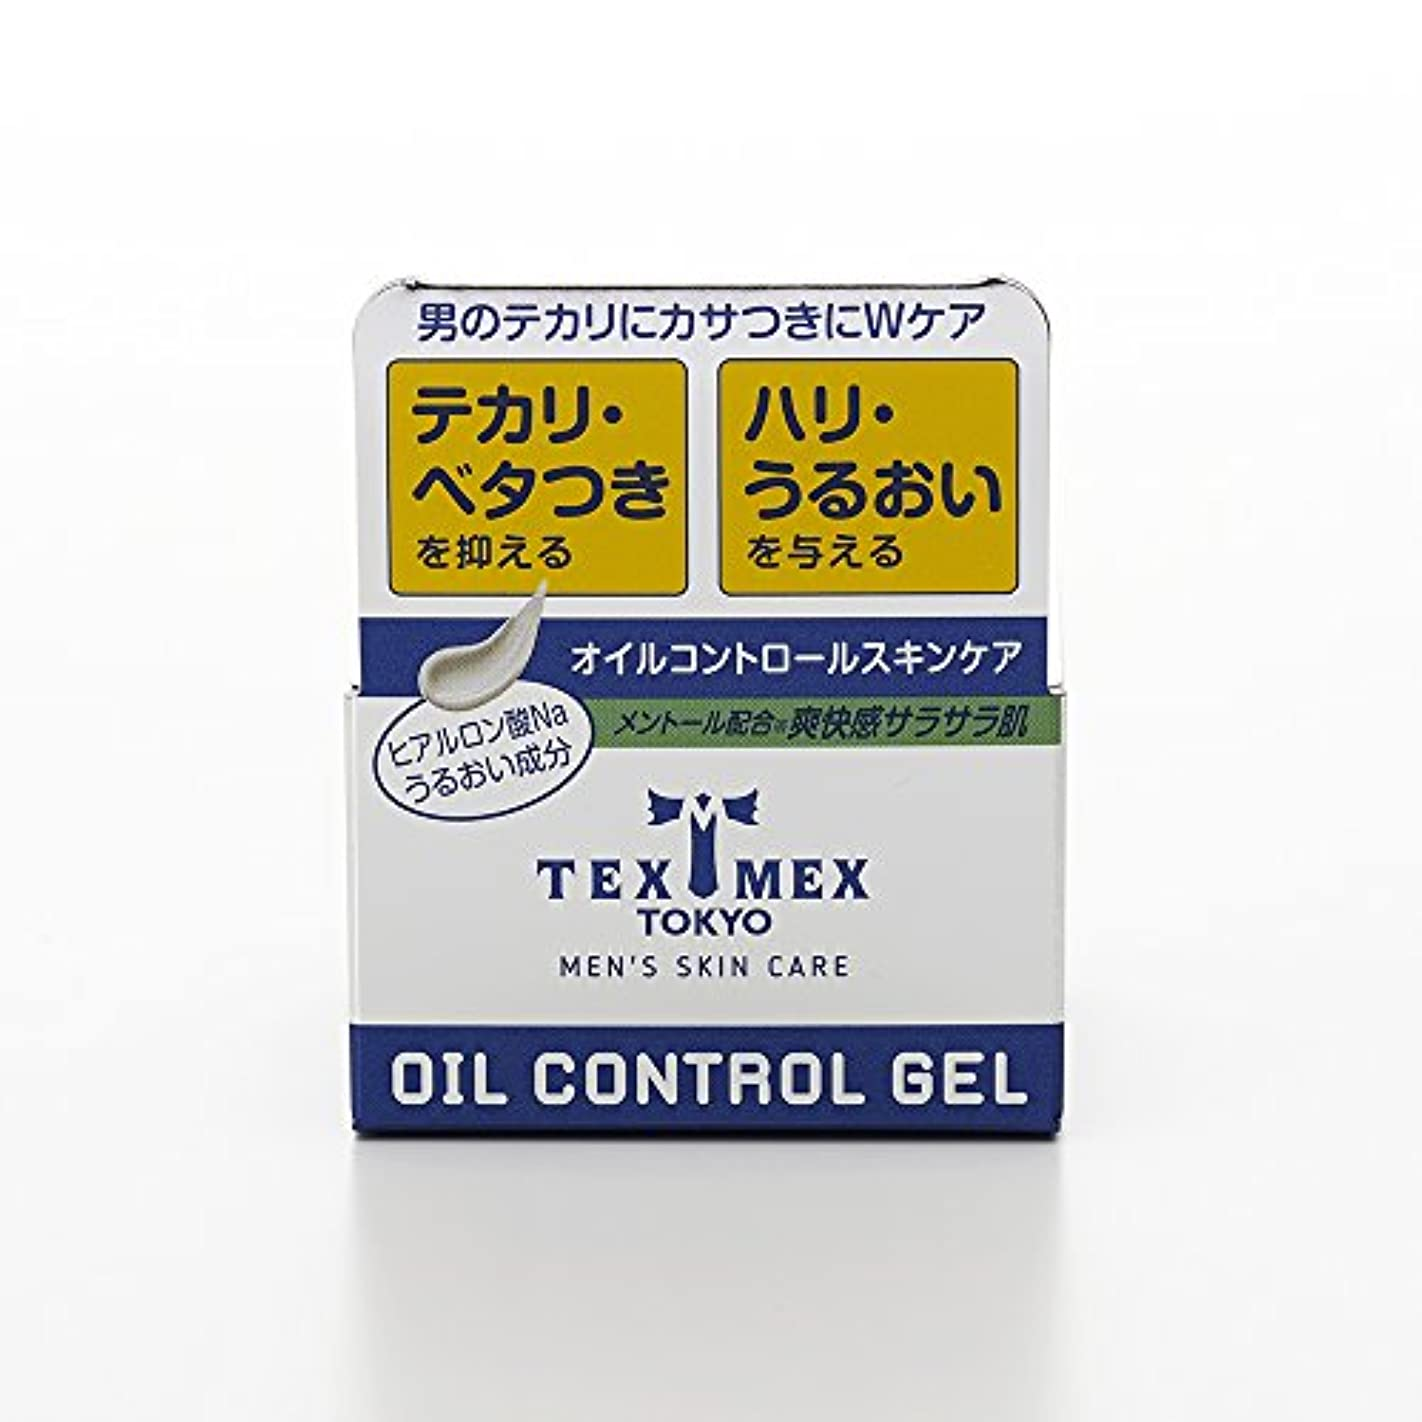 かけるトラフ玉テックスメックス オイルコントロールジェル 24g (テカリ防止ジェル) 【塗るだけでサラサラ肌に】